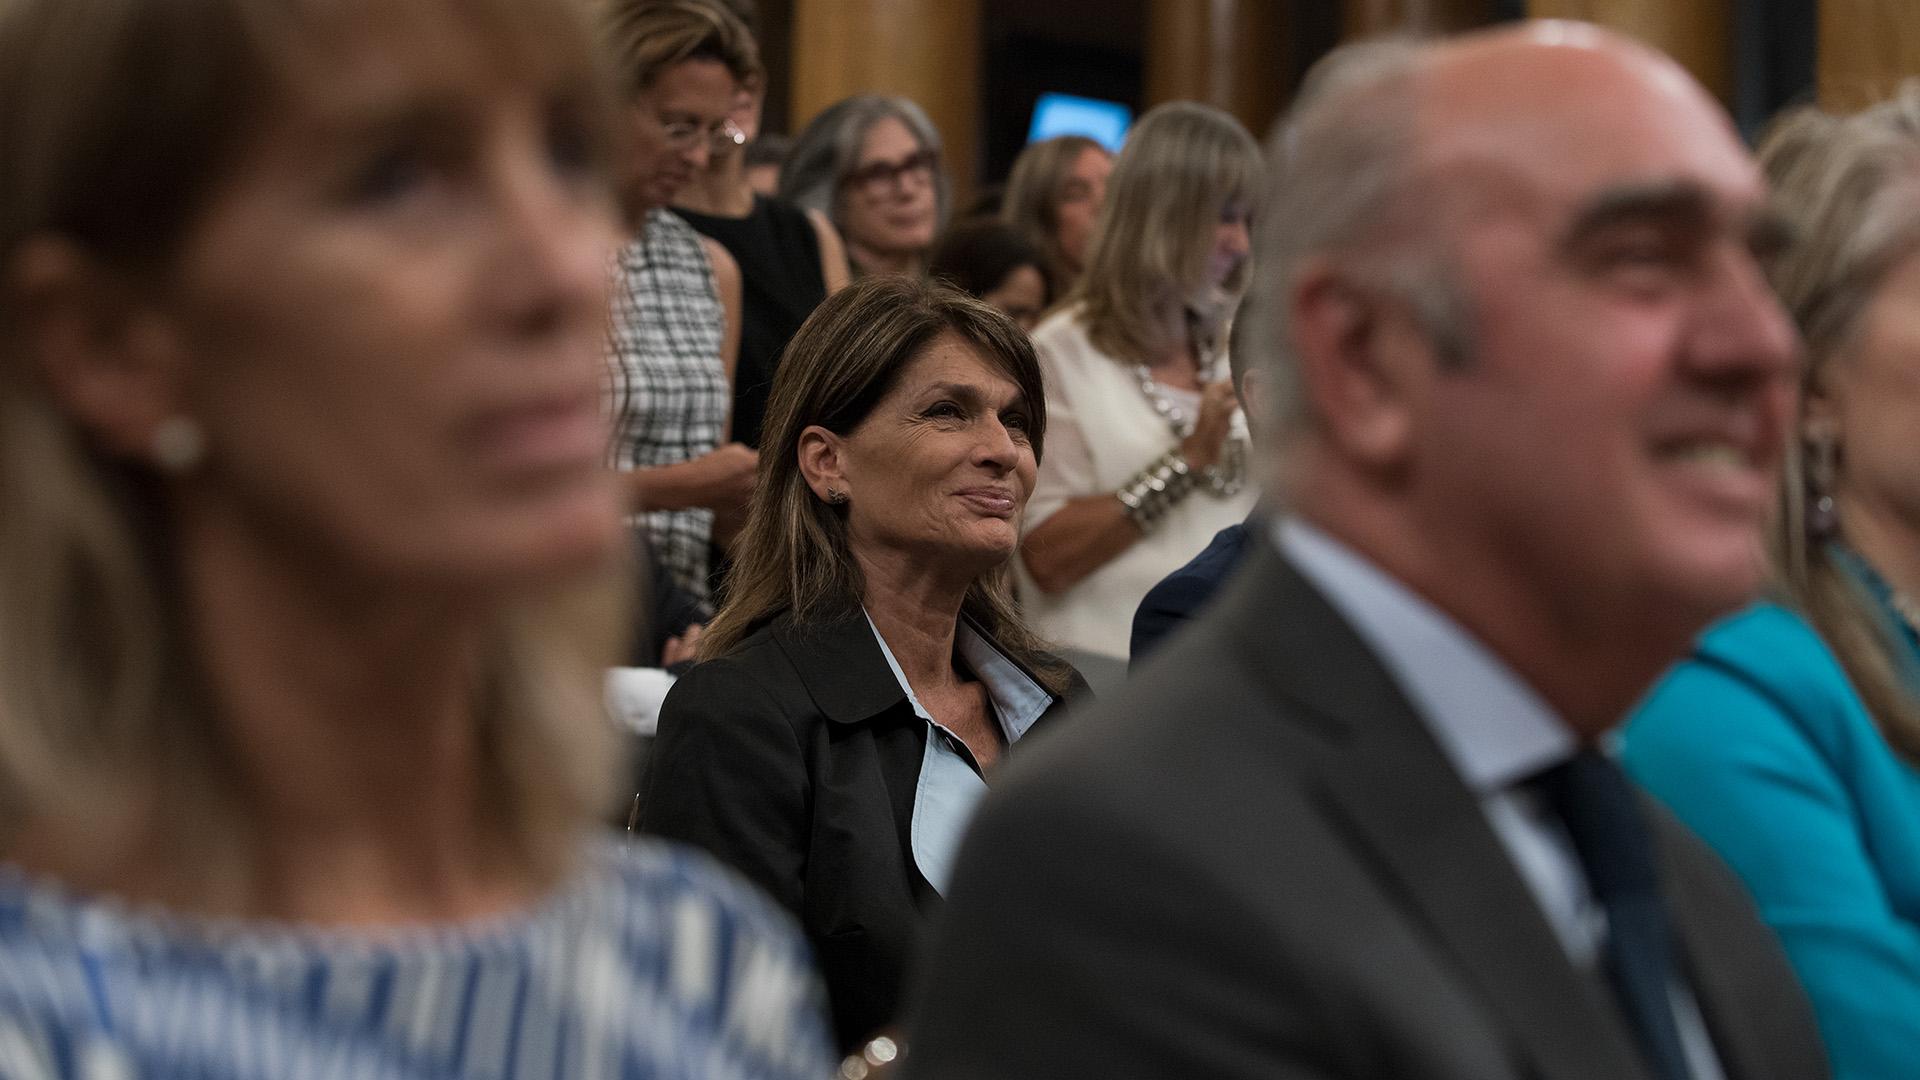 La empresaria y conductora de TV, Teresa Calandra, participó del encuentro al que asistieron unas 300 mujeres de negocios, junto a banqueros, funcionarios y hombres de empresa.